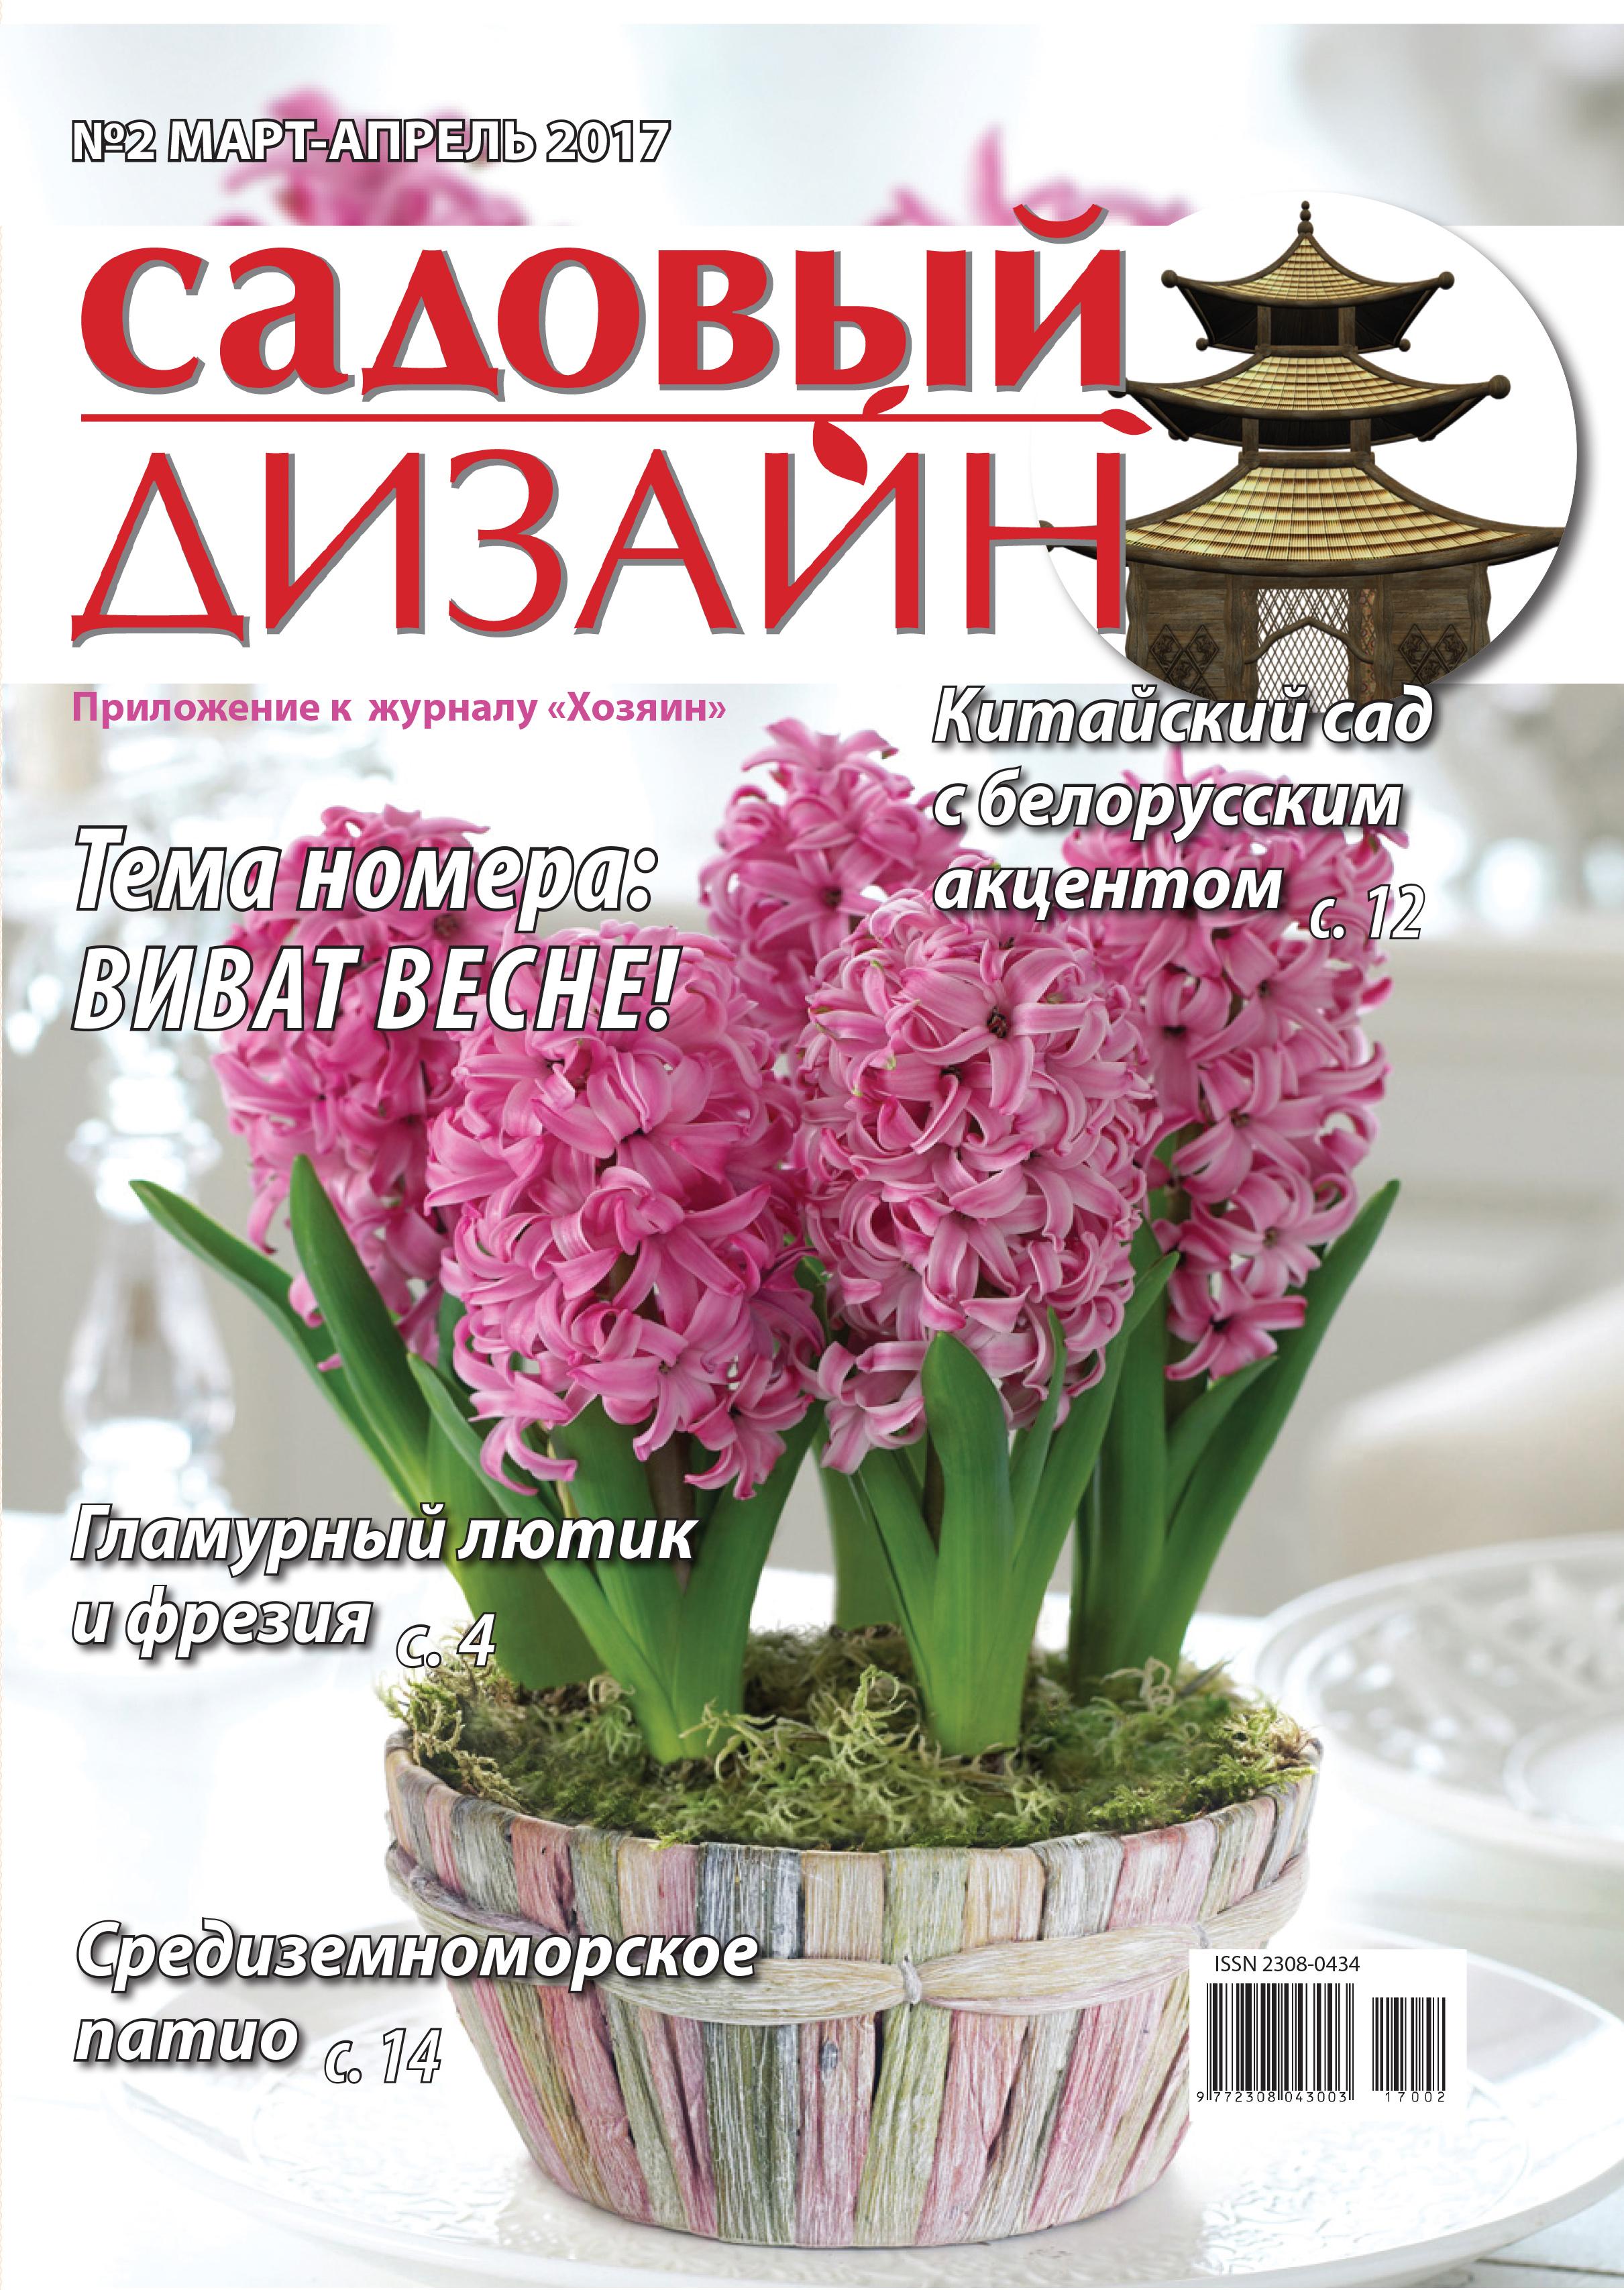 обложка на март-апрель 2017